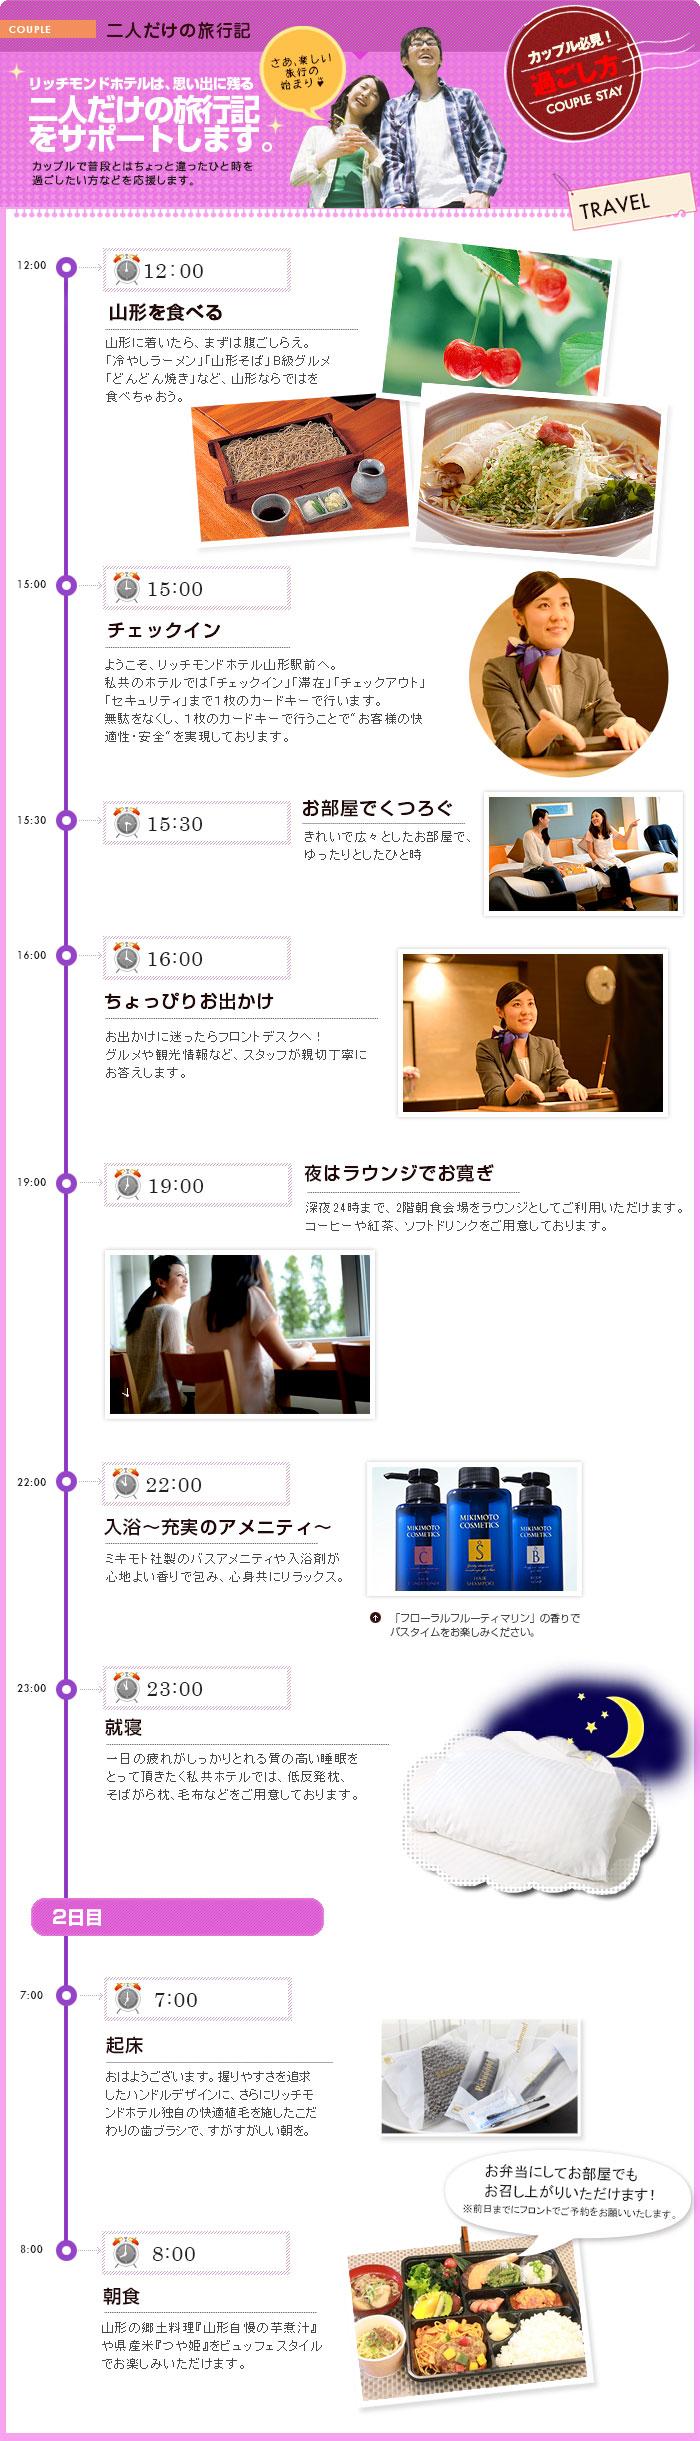 カップルイメージ1